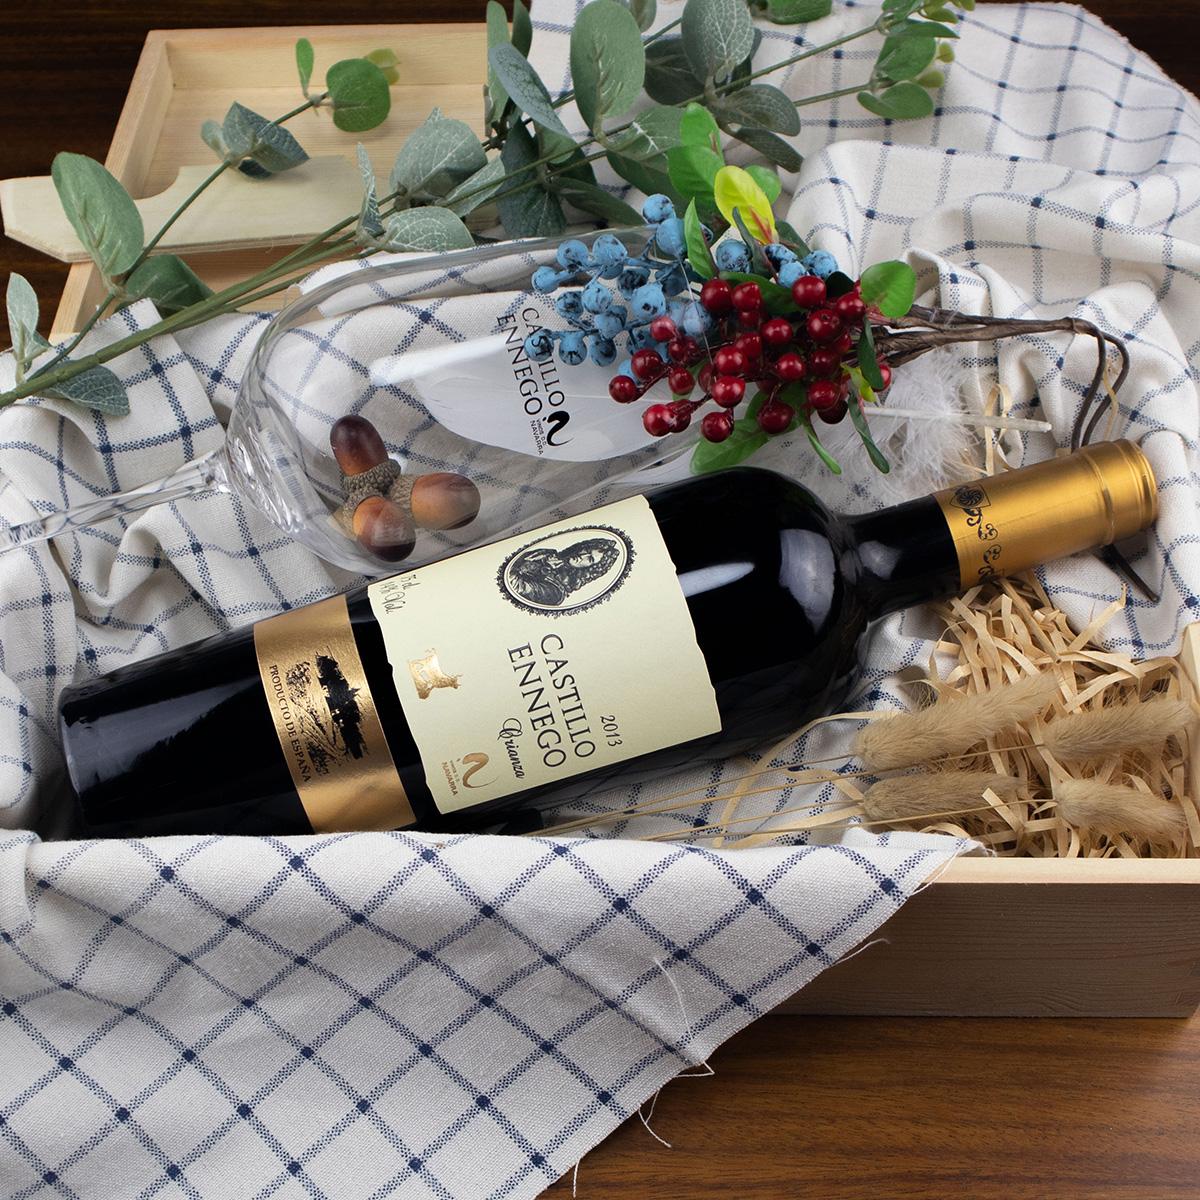 西班牙纳瓦拉安格蓉纳瓦拉酒庄卡斯蒂罗安纳歌传世佳酿干红葡萄酒(广州永信酒业 )